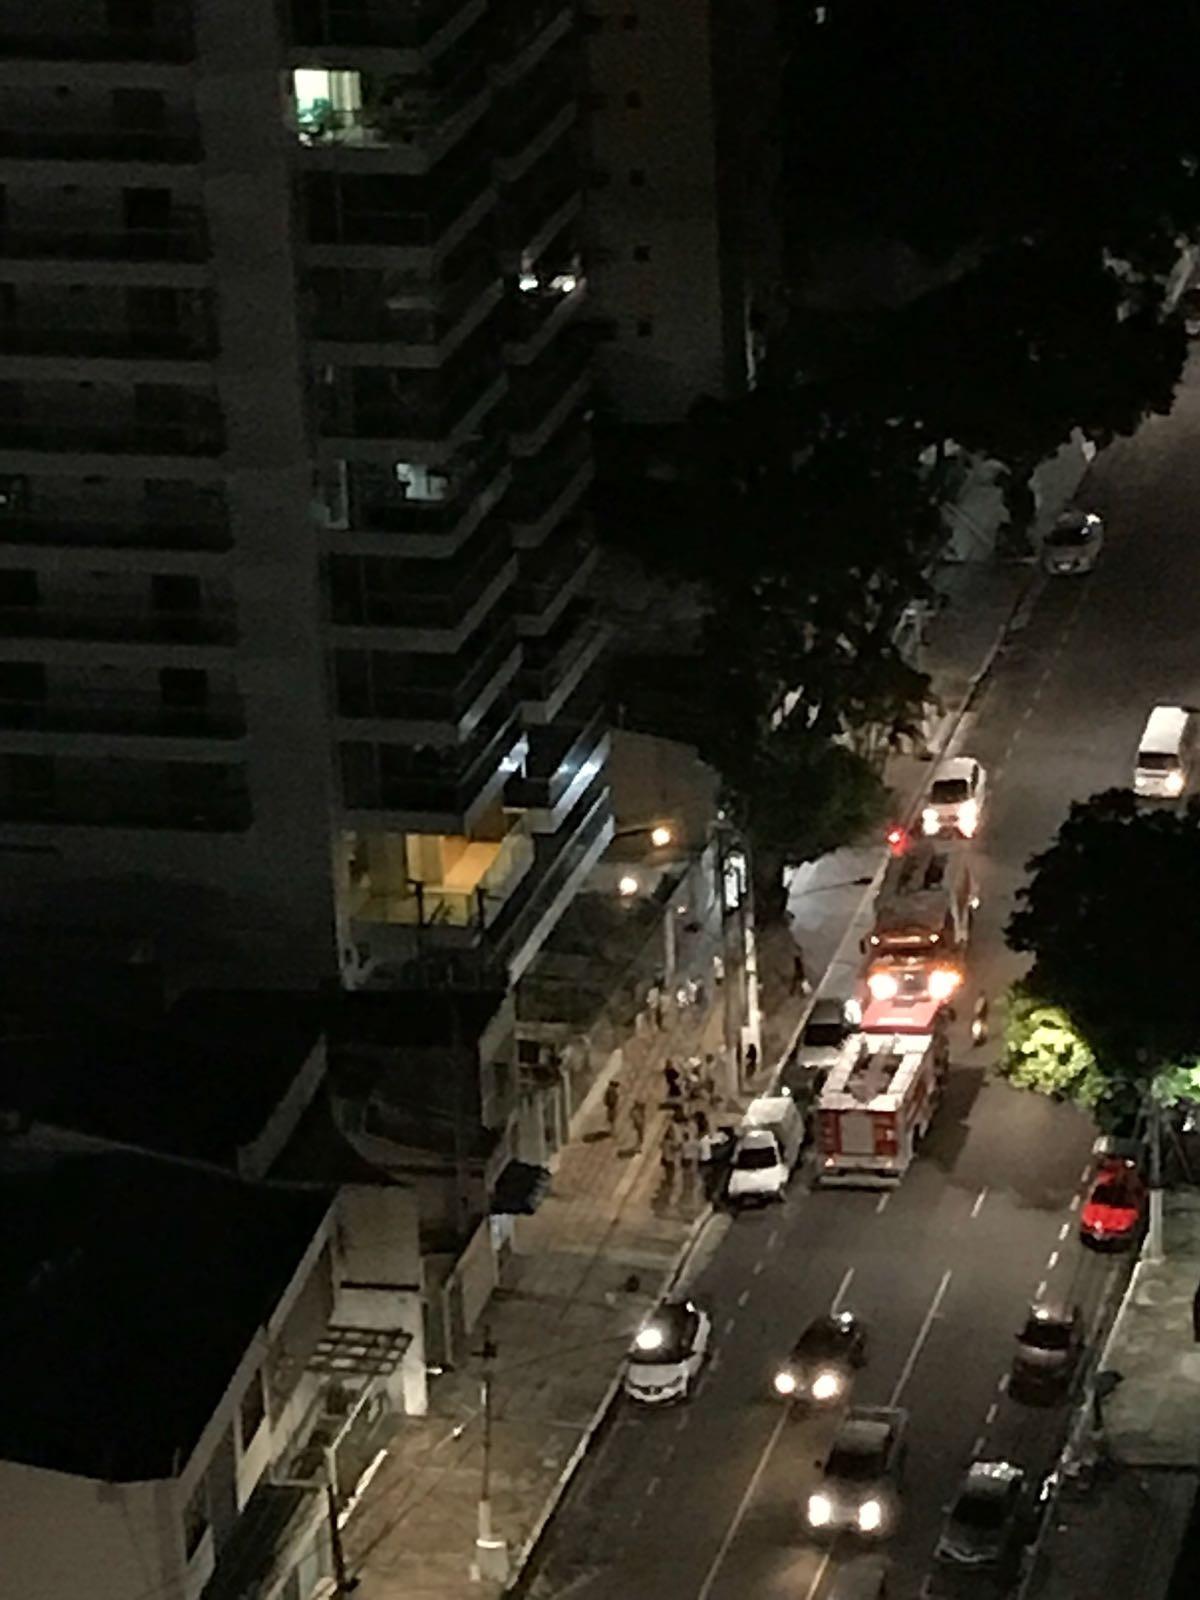 Principio de incêndio no 16º andar de prédio assusta moradores em Belém